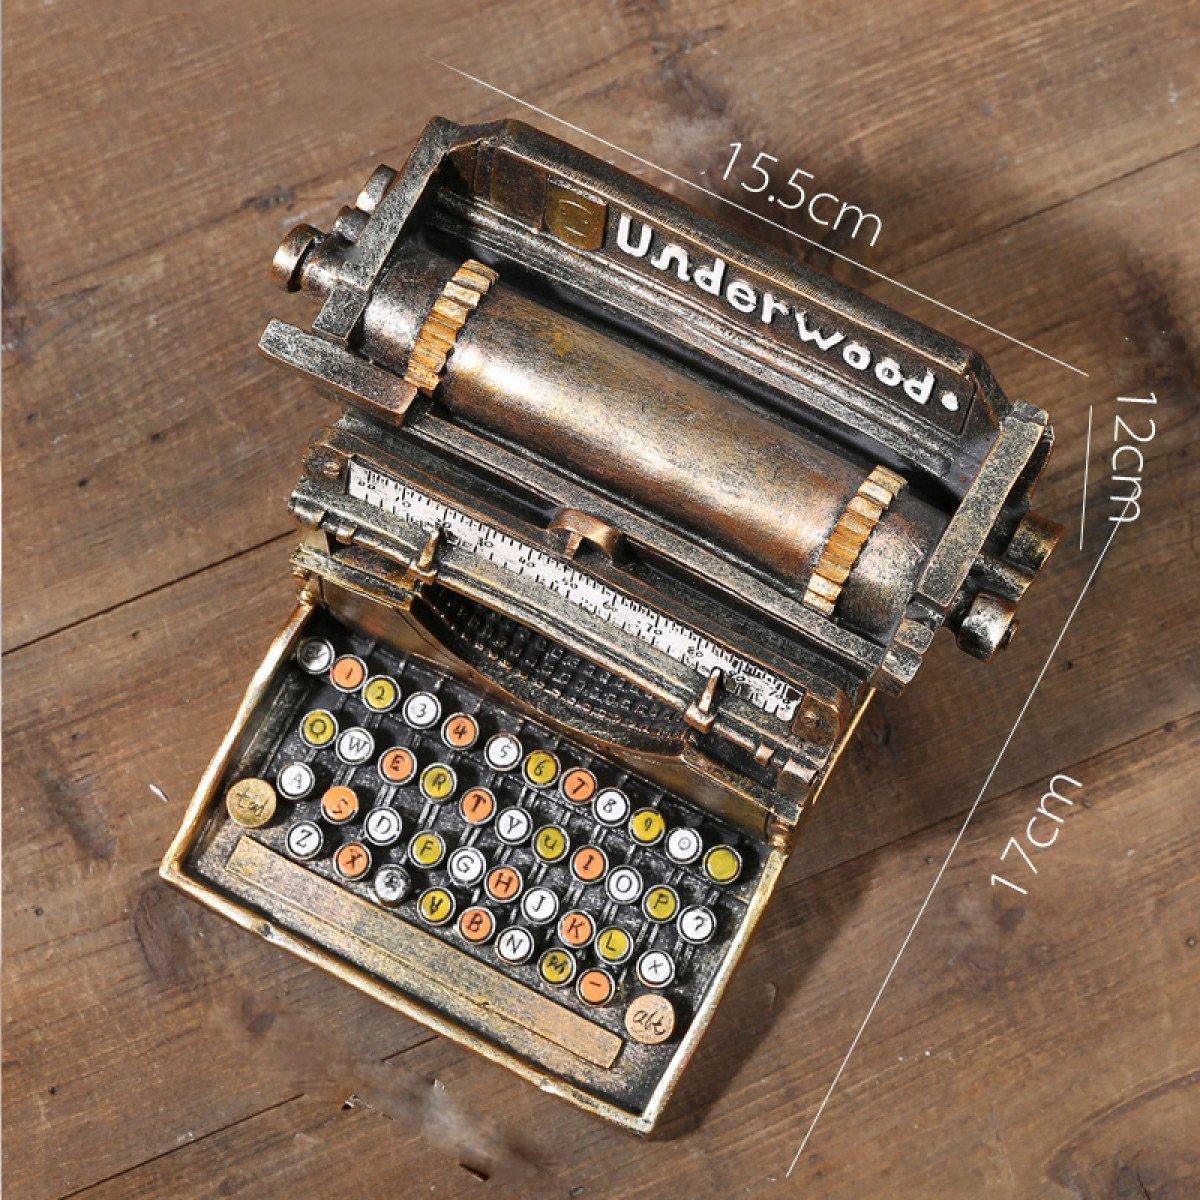 WKAIJCO Ornamentos Vintage Retro Máquina De Escribir Bares Creatividad Decoración Ropa Tienda Ventanas Muebles Fotografía Accesorios ,B: Amazon.es: Hogar